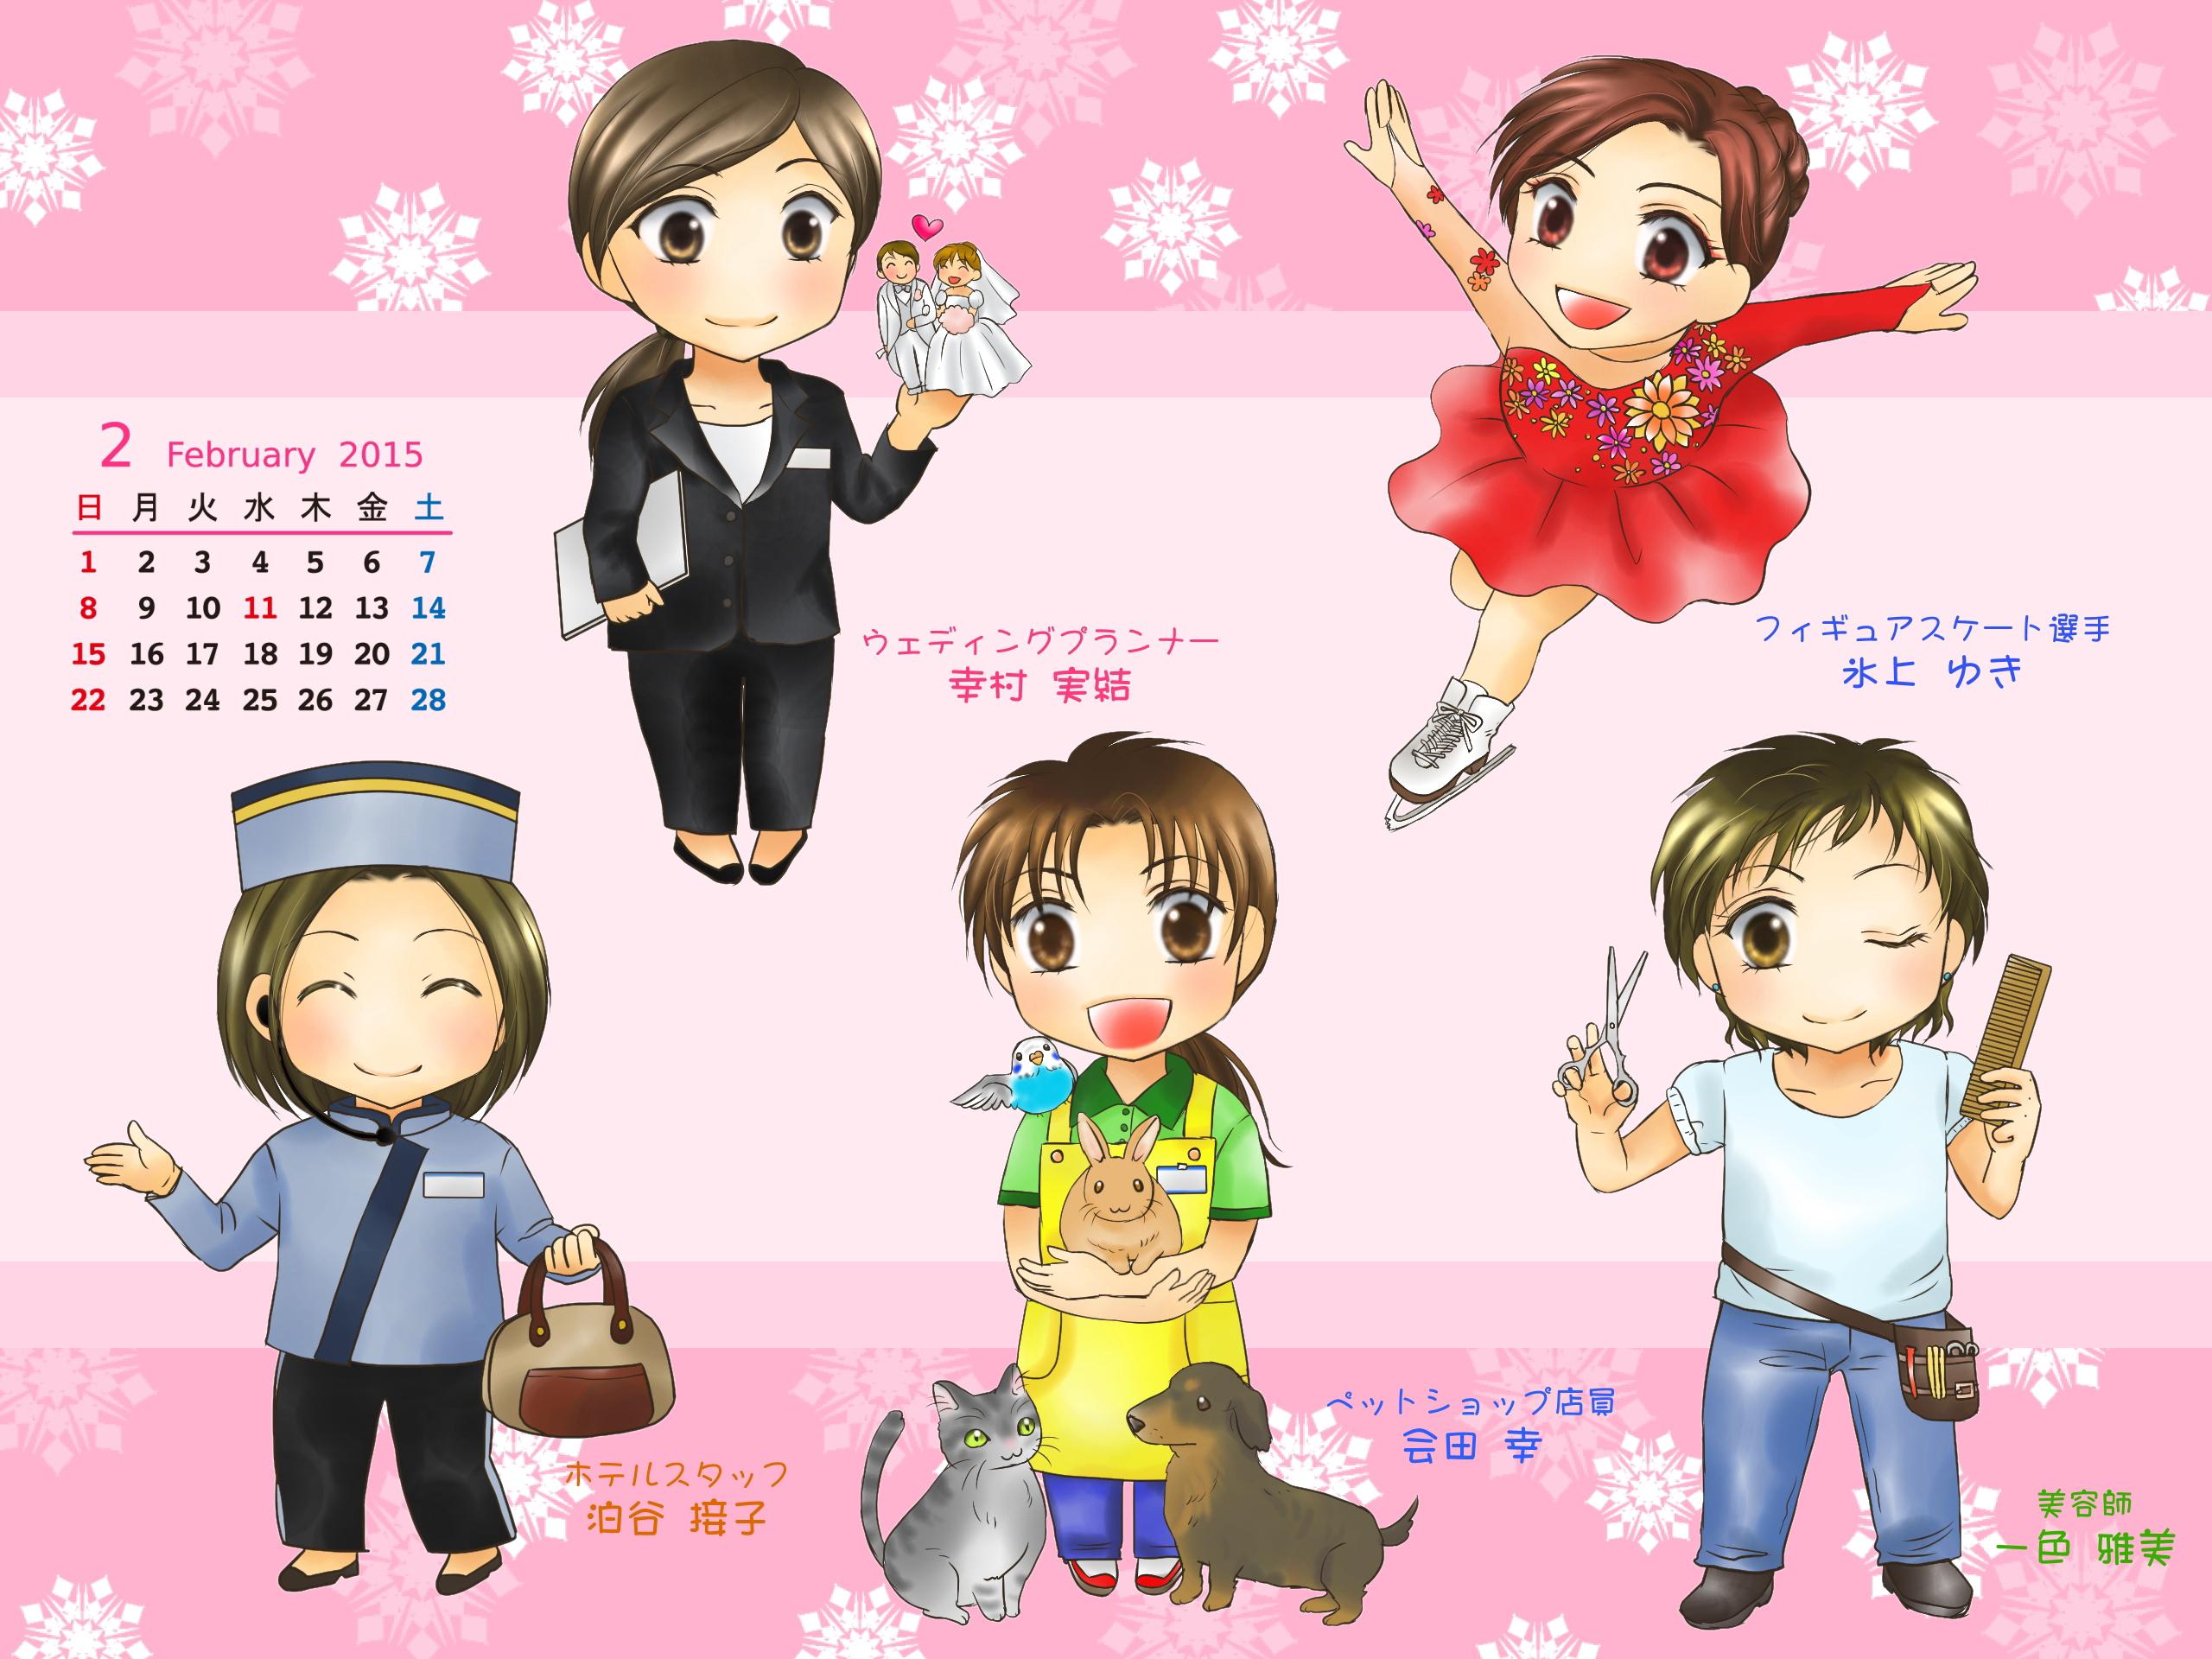 女の子のお仕事カレンダー 壁紙 15 表紙 1月 2月 イラスト 荒駒るみ 福娘童話集